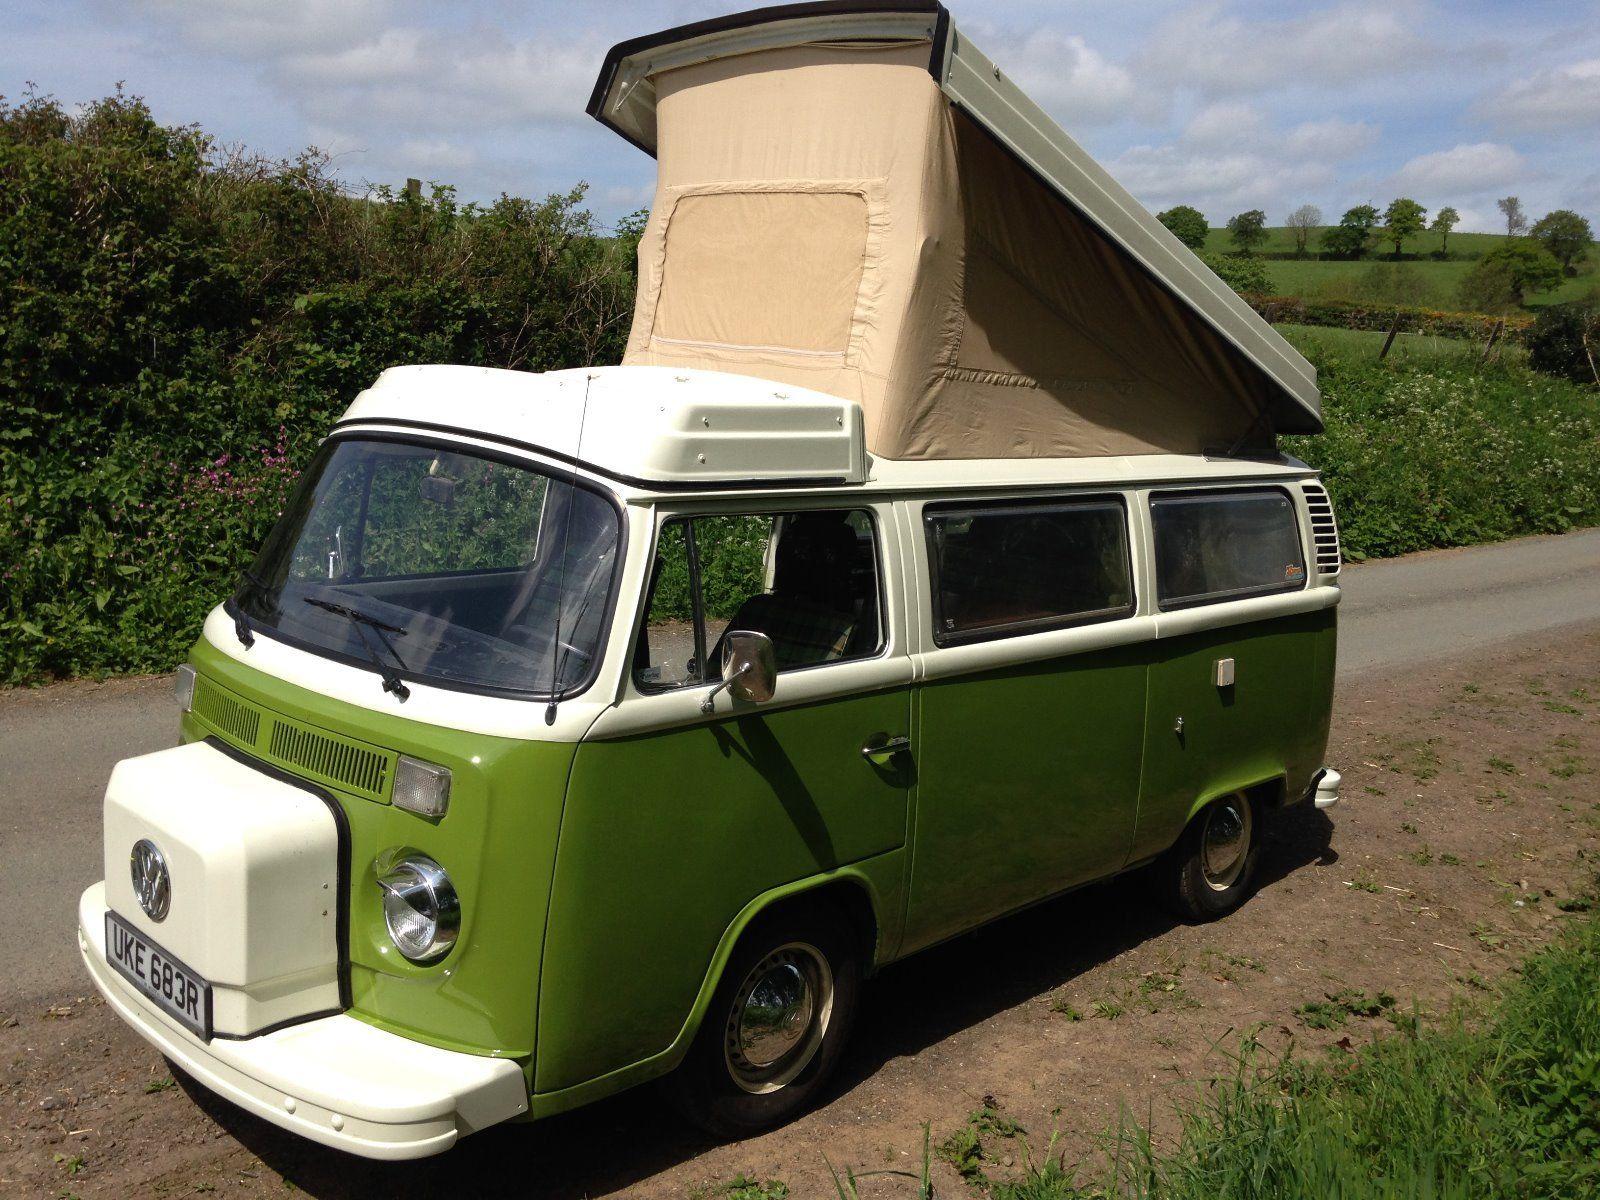 1977 vw westfalia camper sold kult kars. Black Bedroom Furniture Sets. Home Design Ideas